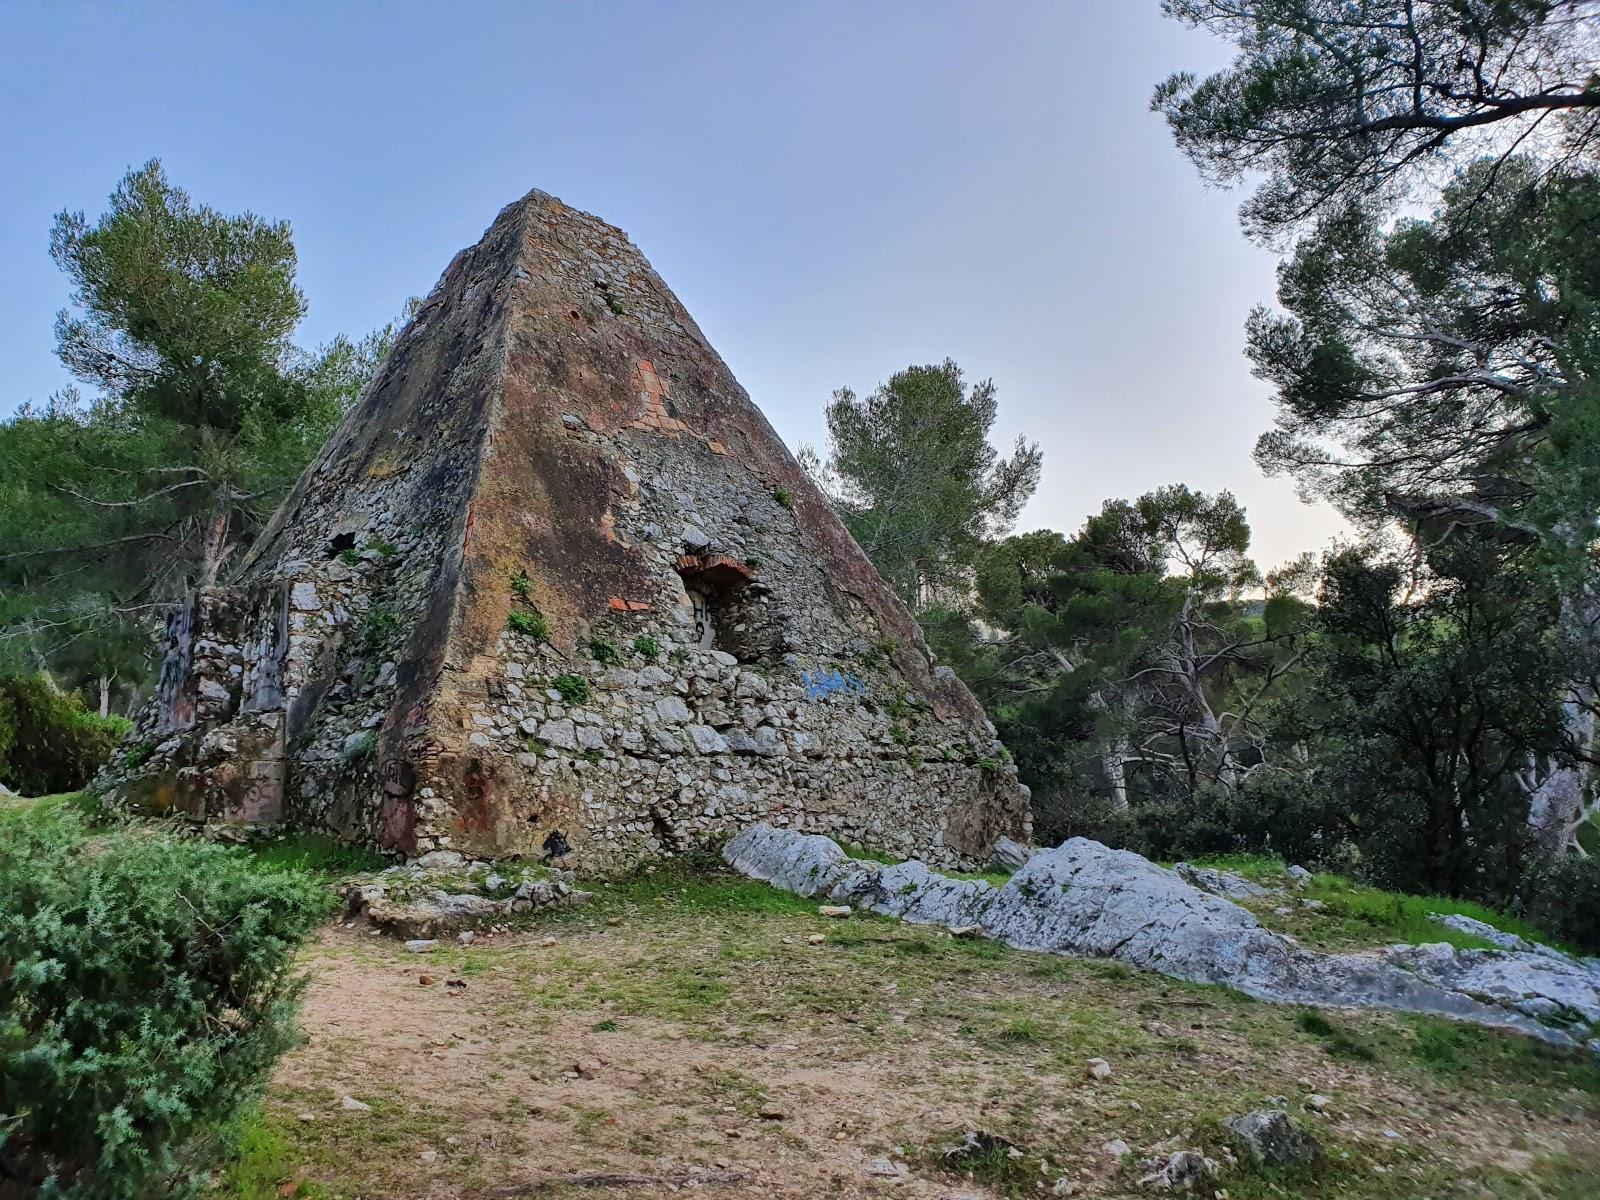 Pyramide du Roy d'Espagne